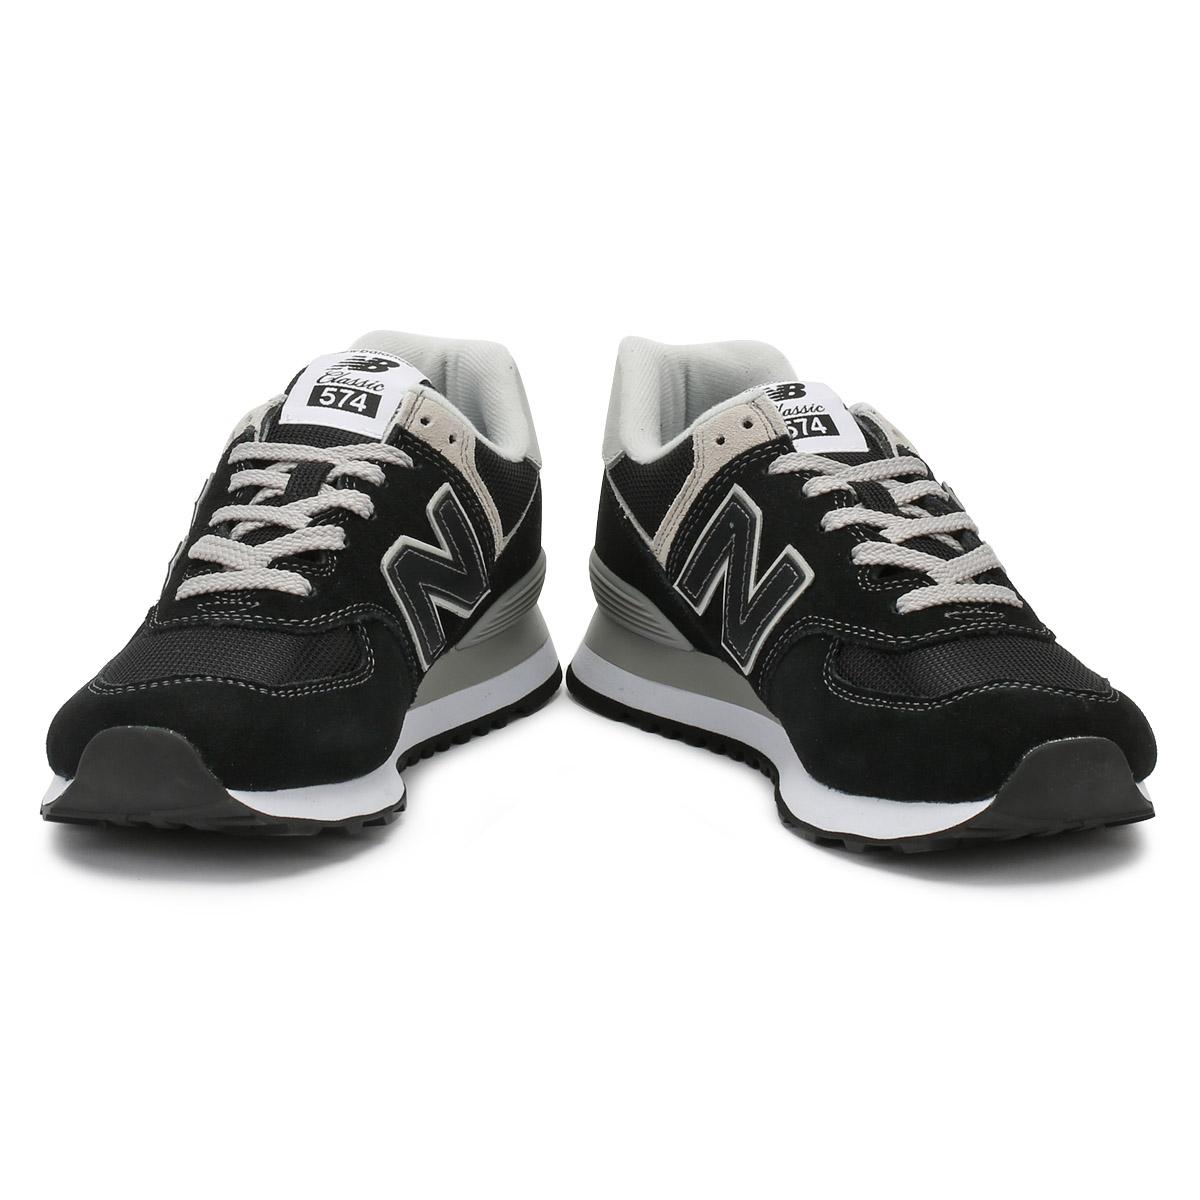 new balance femmes 574 noir blanche